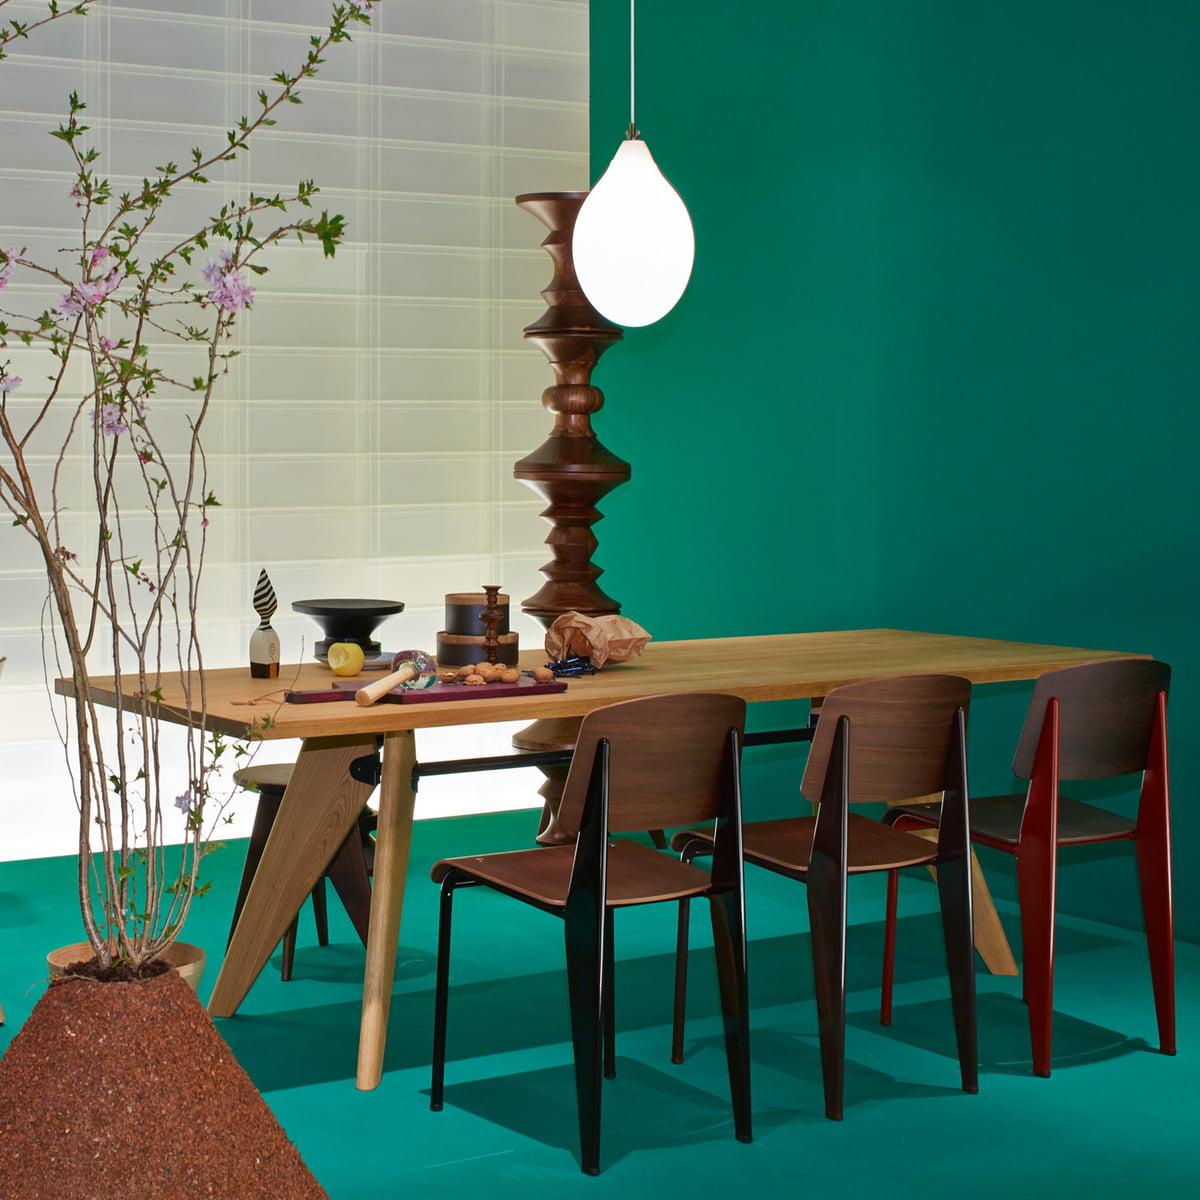 Table solvay esstisch von vitra im shop for Esstisch vitra